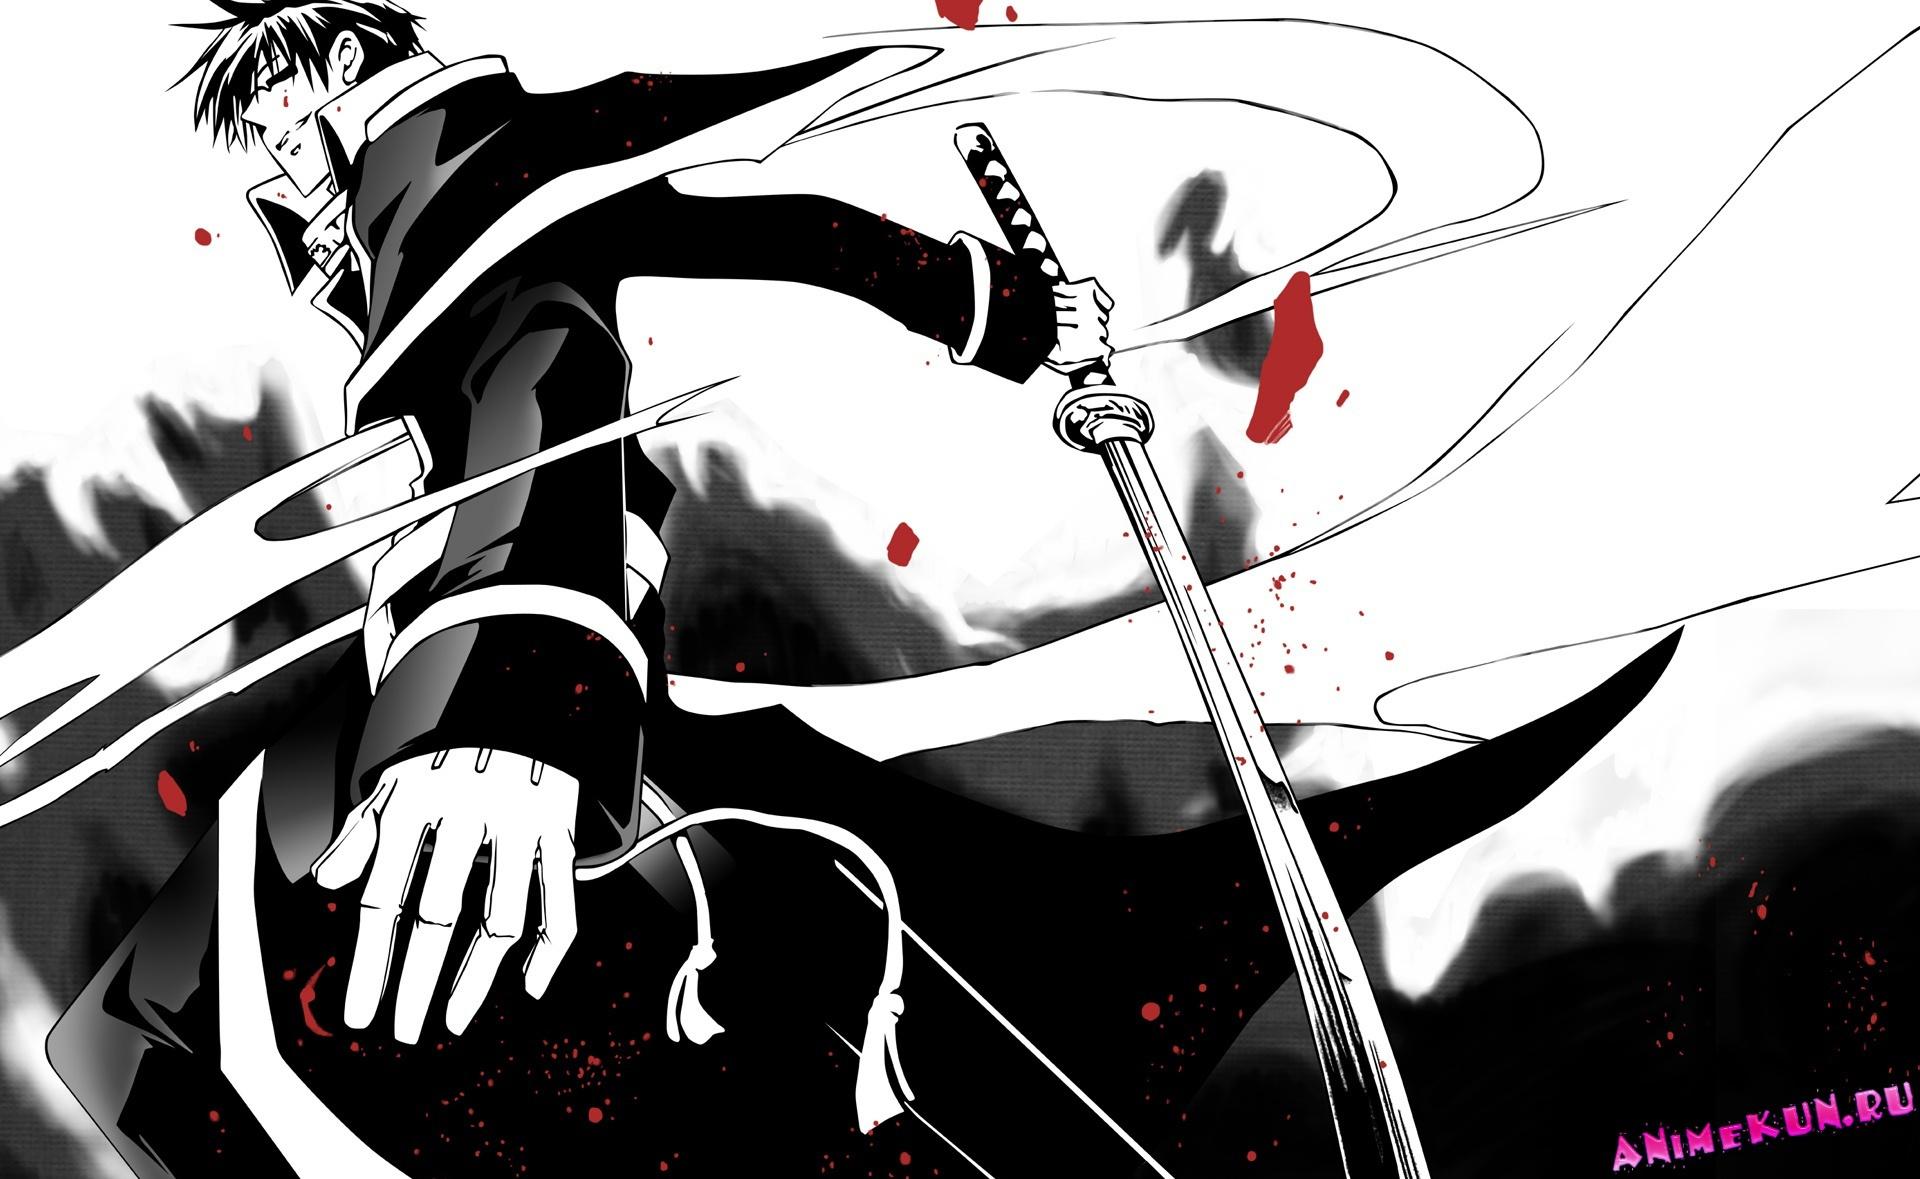 Anime Ninja Wallpapers 012